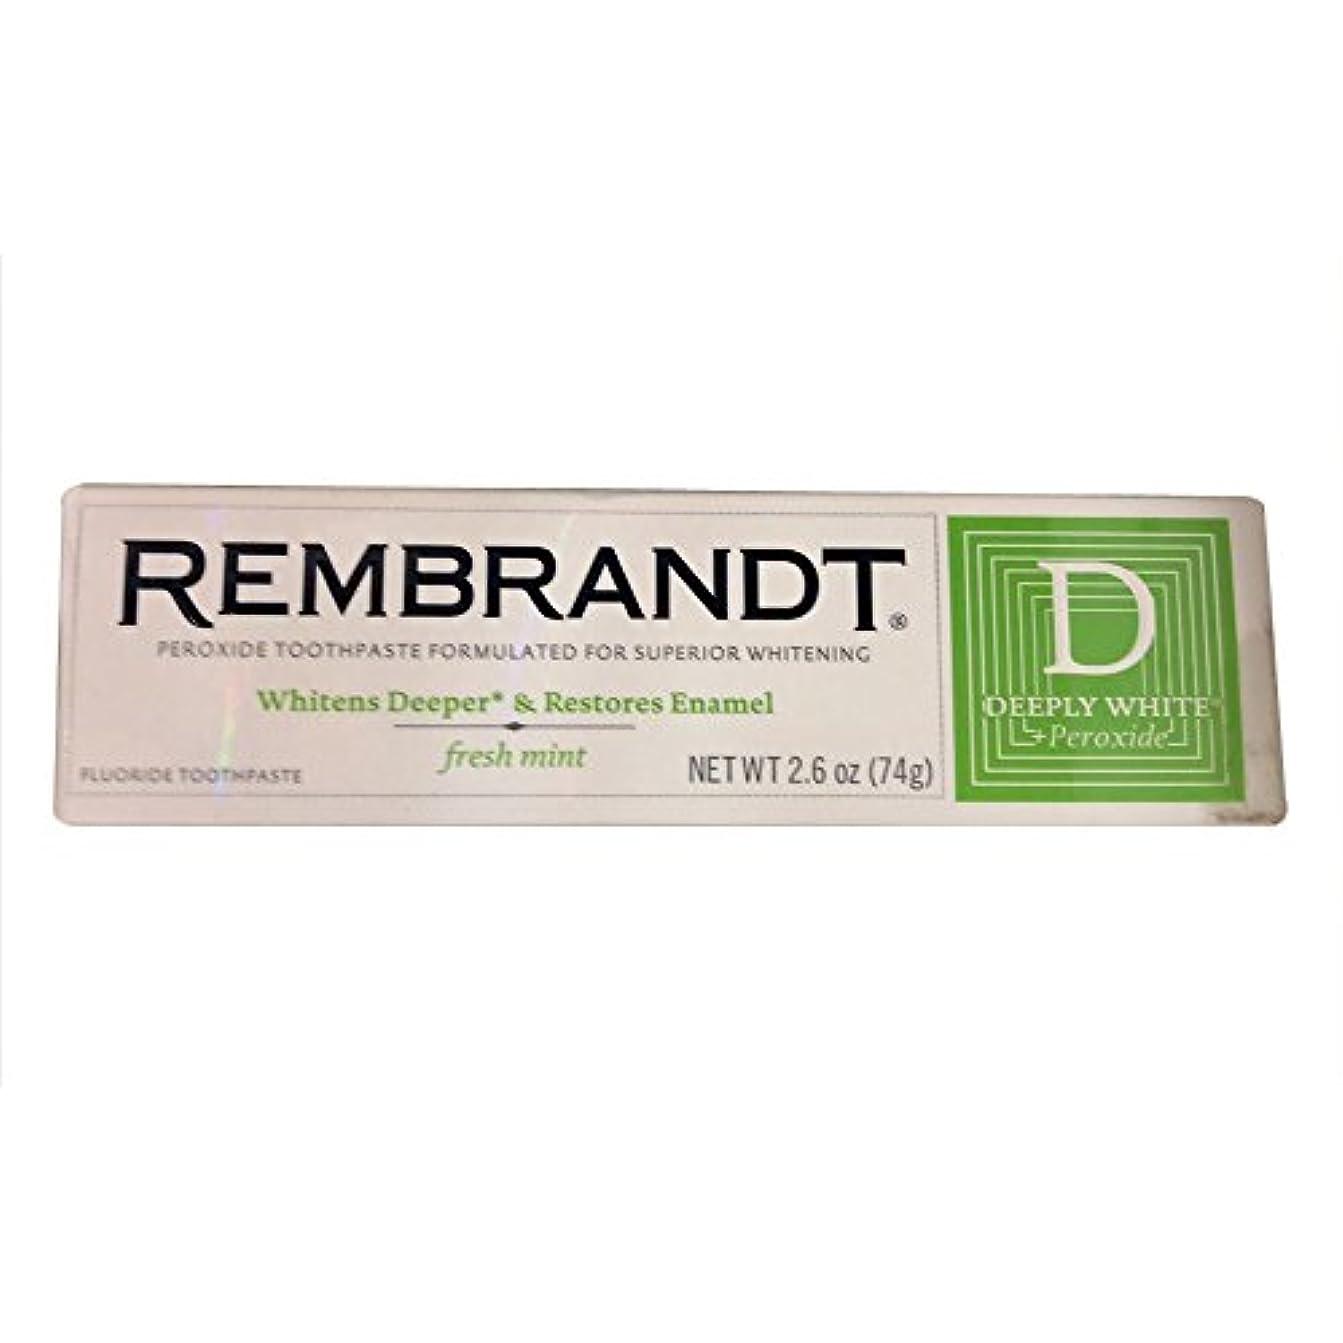 ガラガラスワップ急性Rembrandt プラス深くホワイトプラス過酸化フッ化物の歯磨き粉フレッシュミント、2.6オズ、(12パック) 12のパック